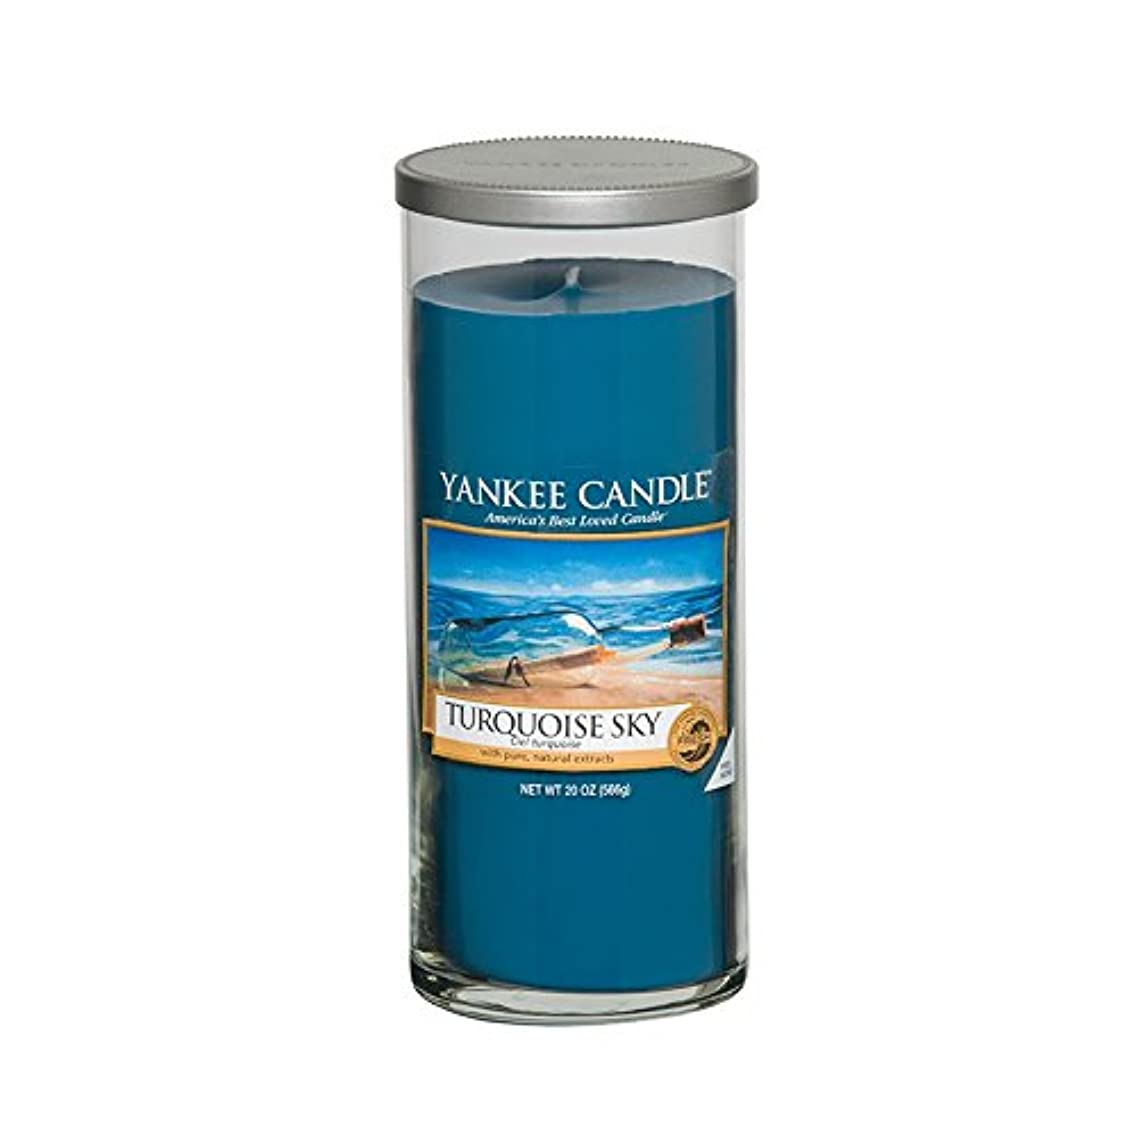 クロニクル説明所有者Yankee Candles Large Pillar Candle - Turquoise Sky (Pack of 2) - ヤンキーキャンドル大きな柱キャンドル - ターコイズの空 (x2) [並行輸入品]